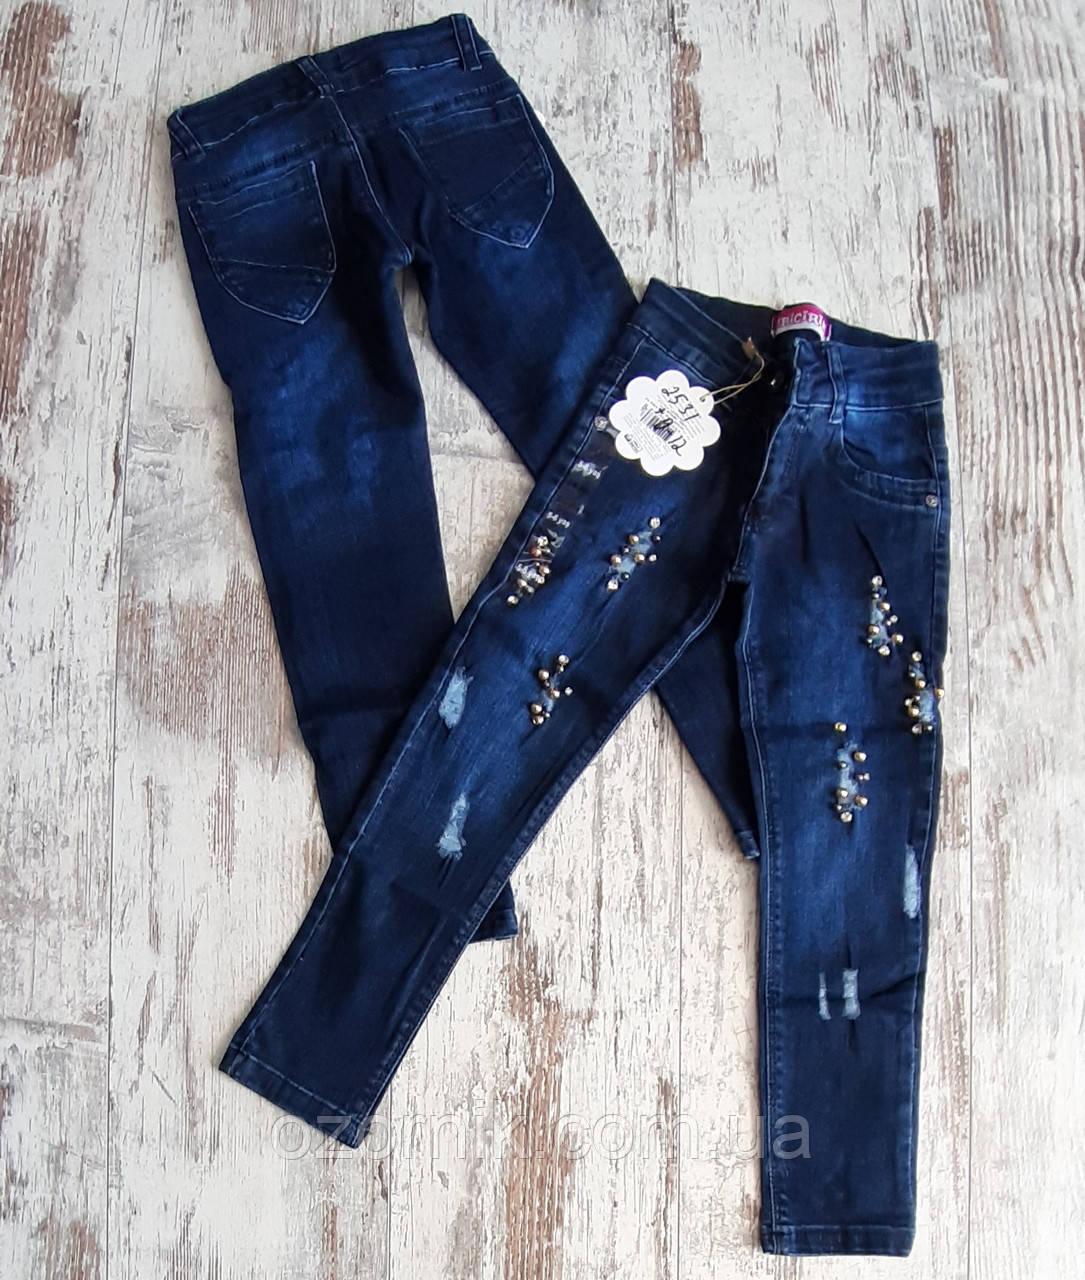 Оптом Модные Джинсы для Девочек 9-12 лет Турция